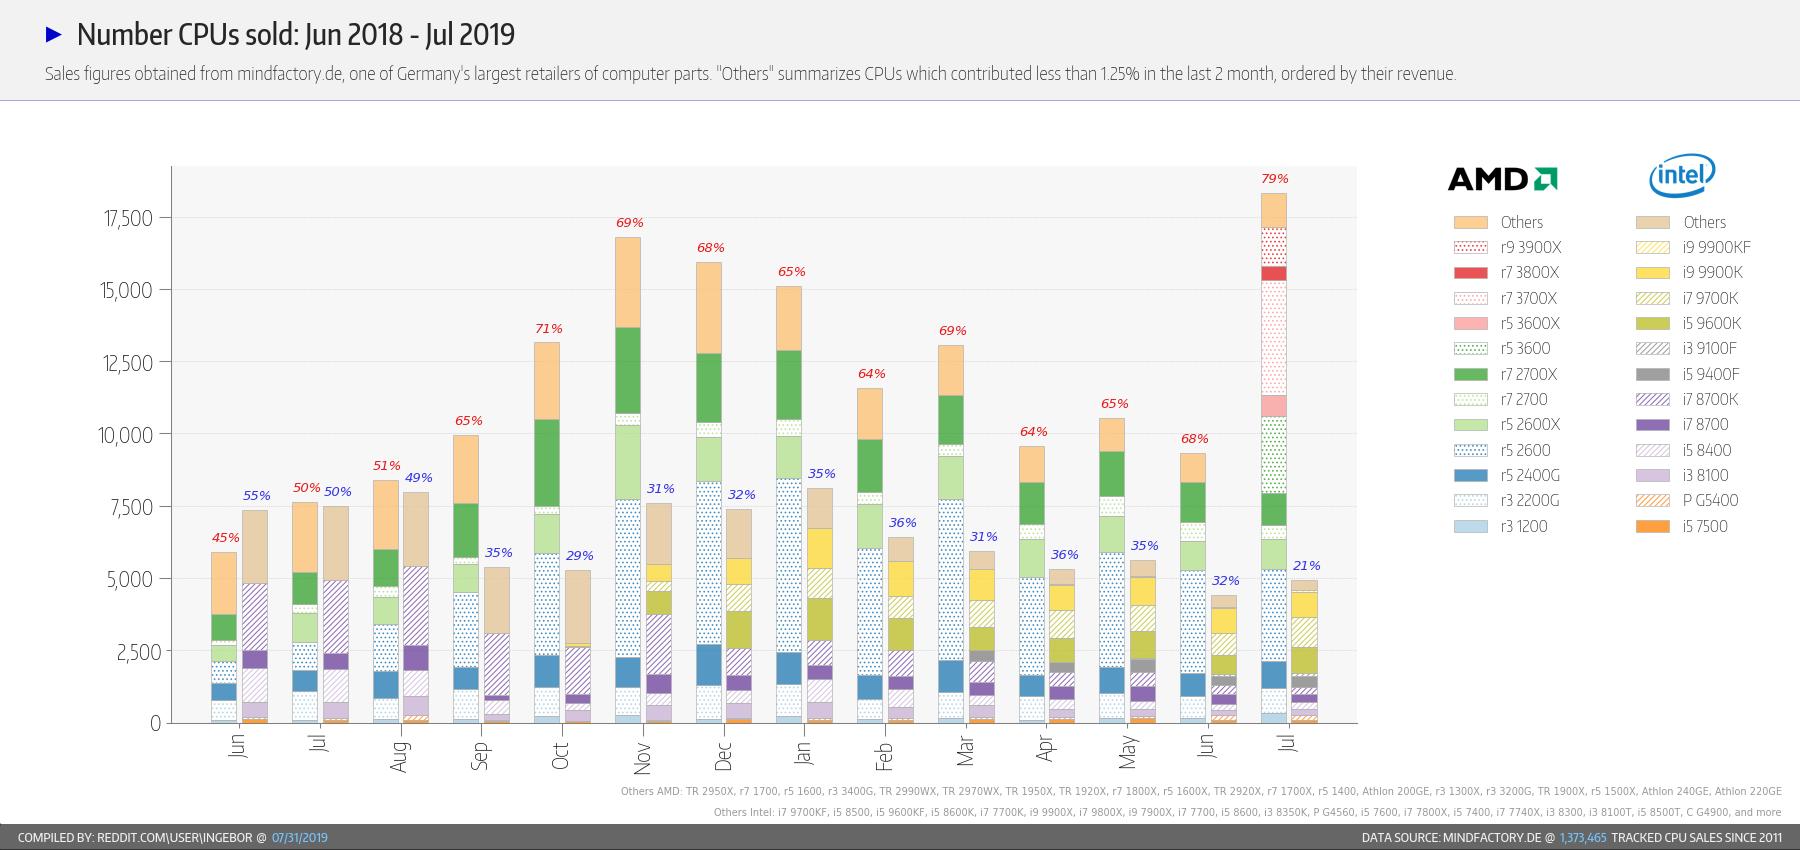 ドイツの小売店で7月に売れたCPU -Intelは上位モデル、AMDは第三世代 Ryzenが人気